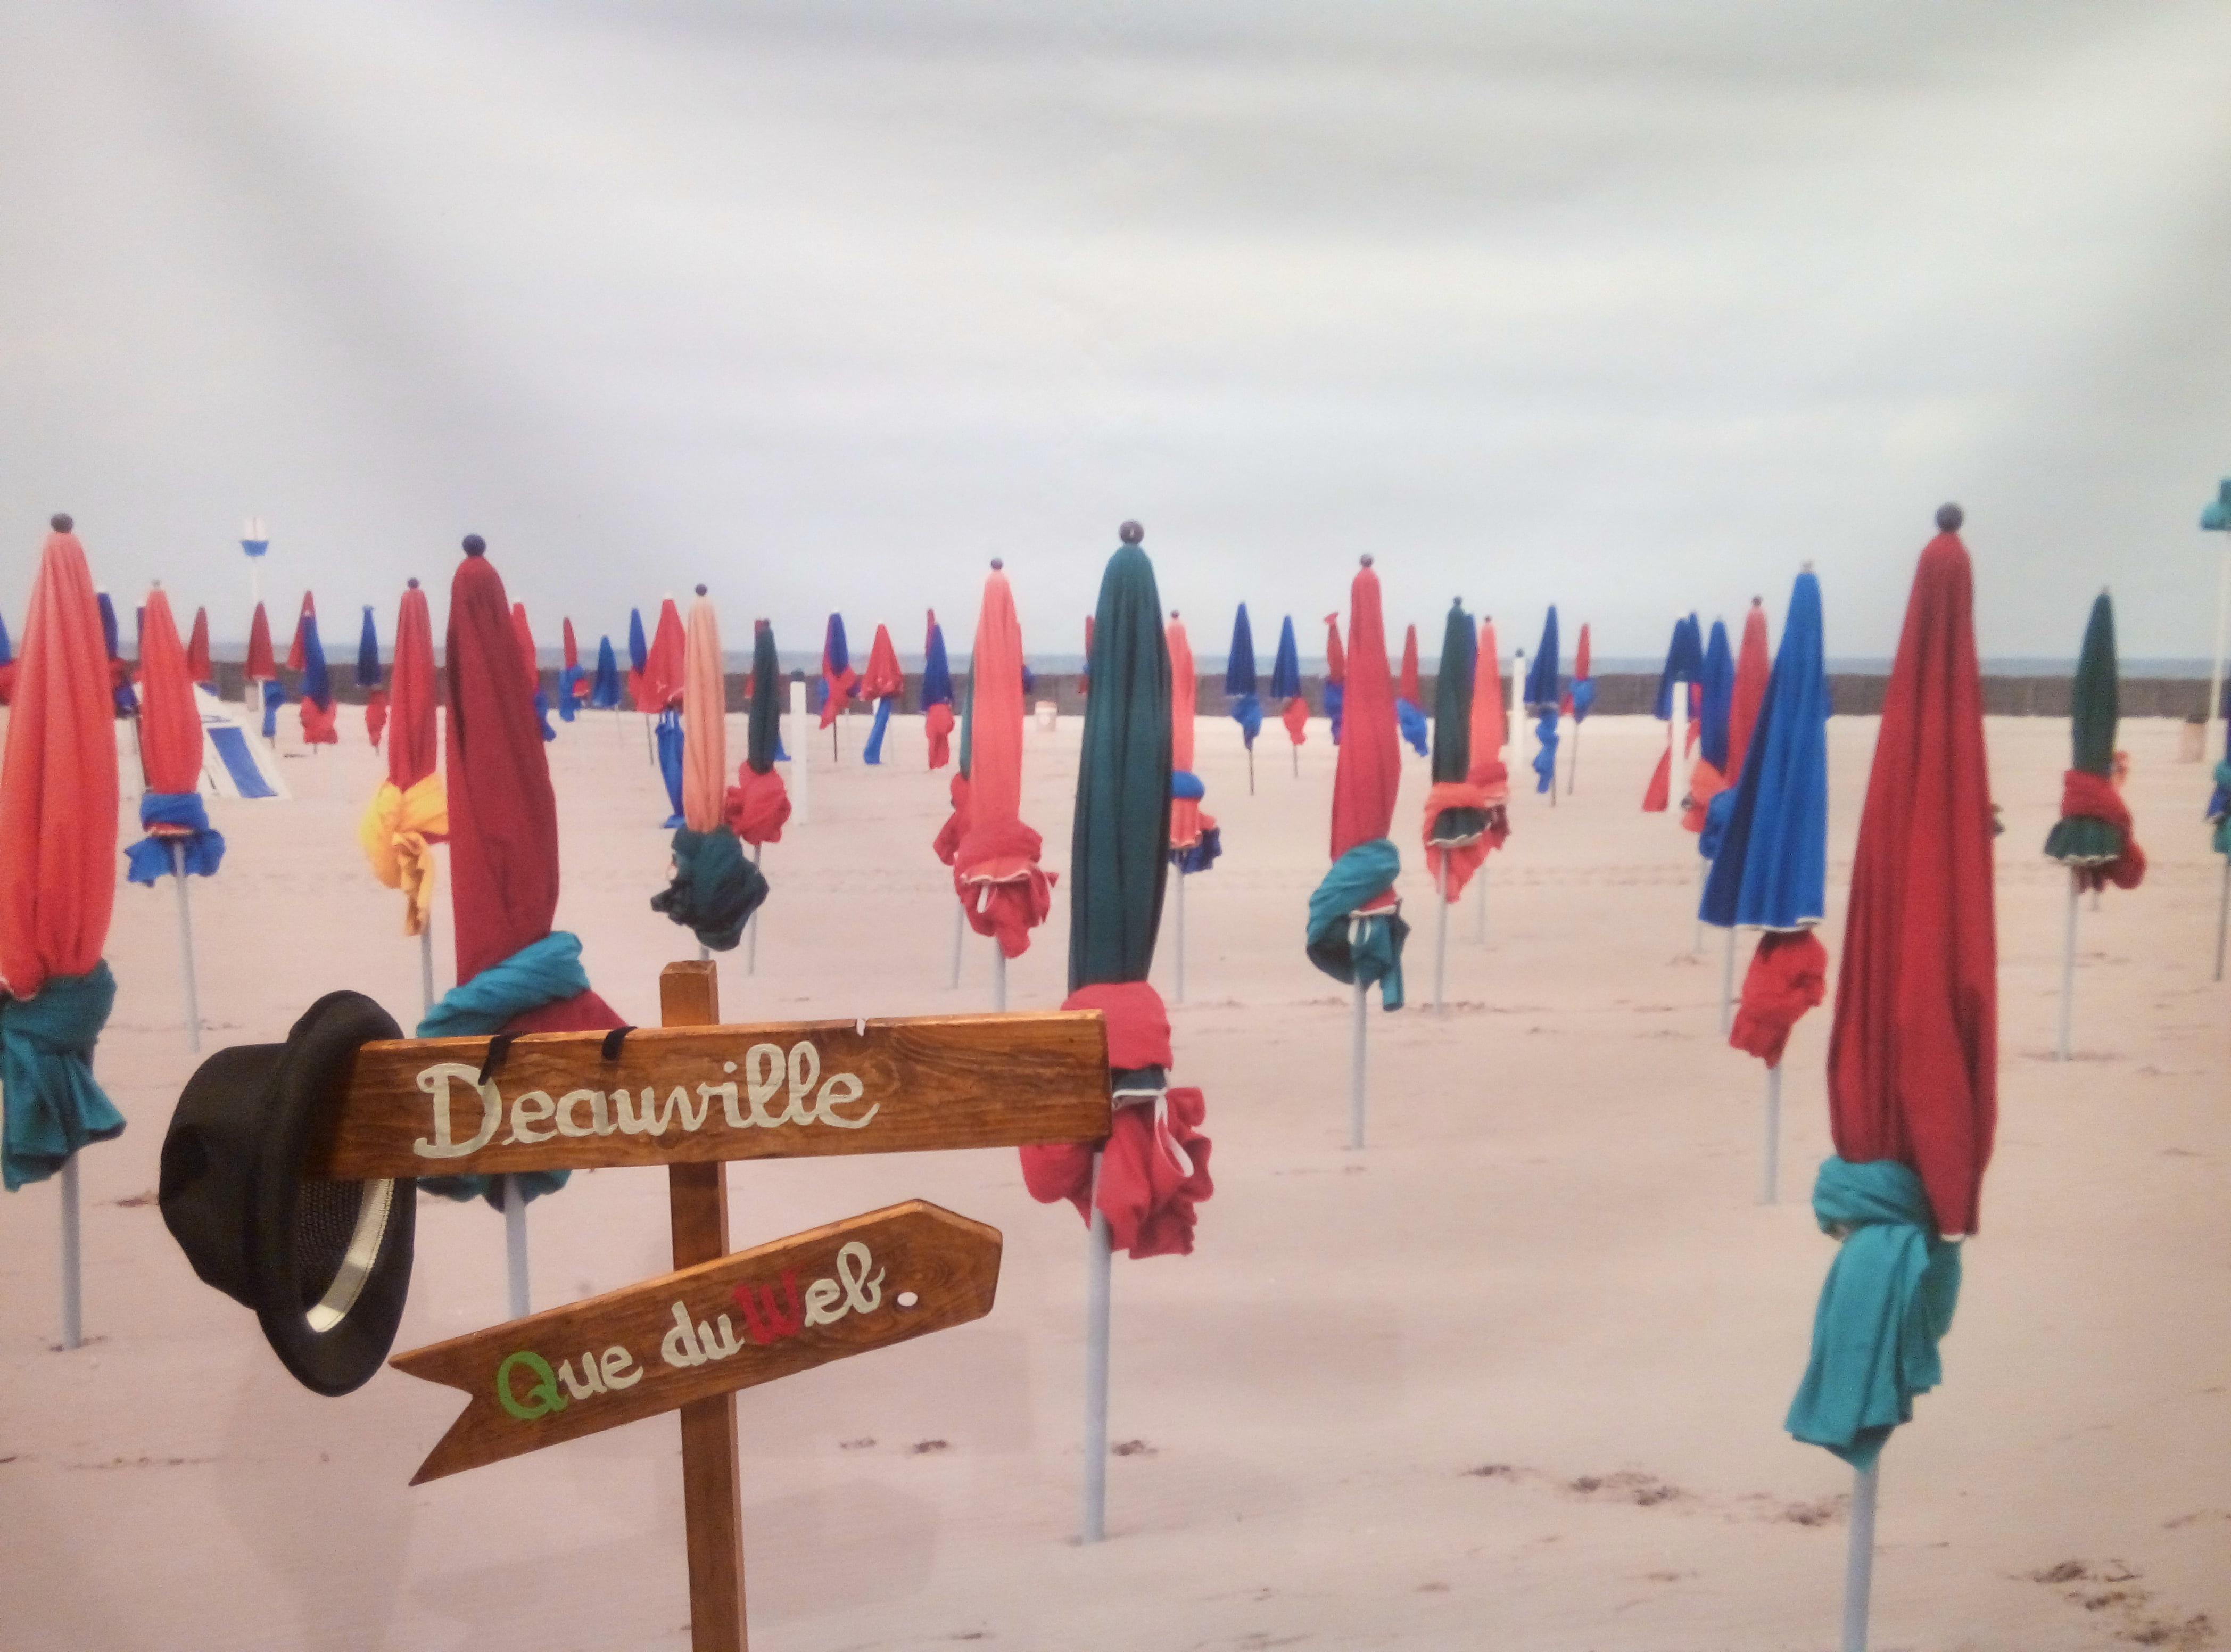 Salon Que du Web Deauville